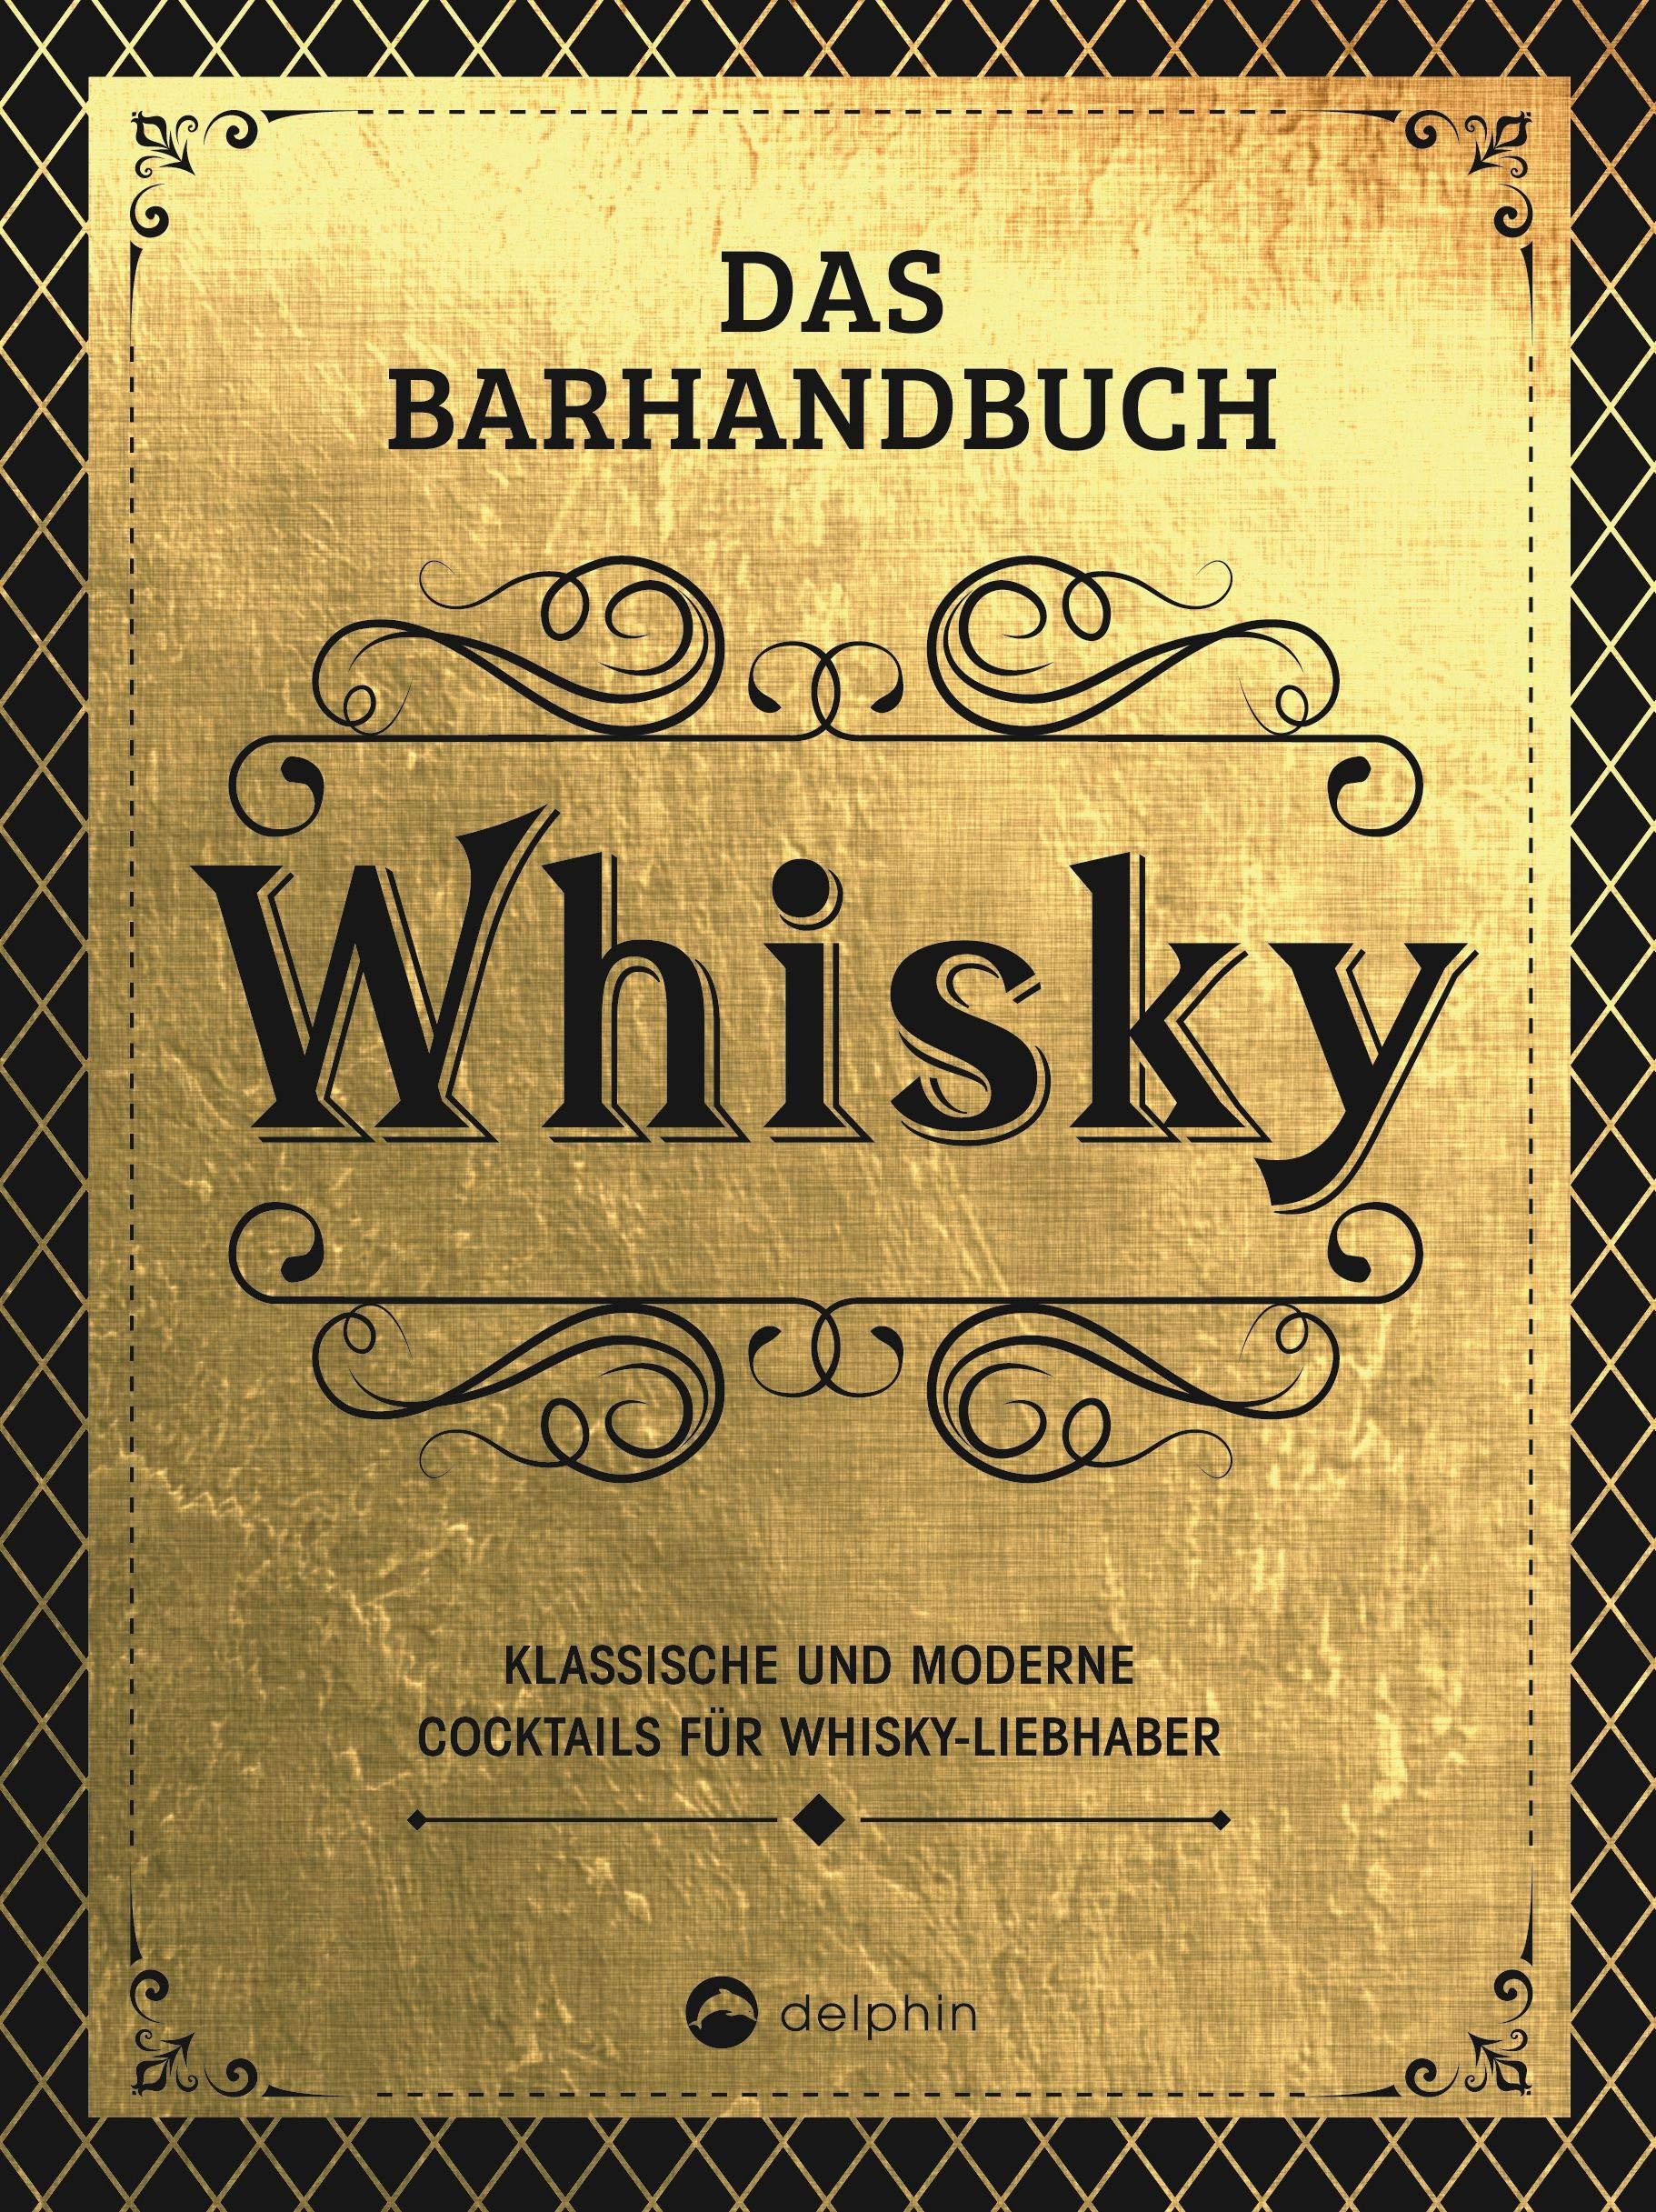 Das Barhandbuch Whisky  Klassische Und Moderne Cocktails Für Whisky Liebhaber